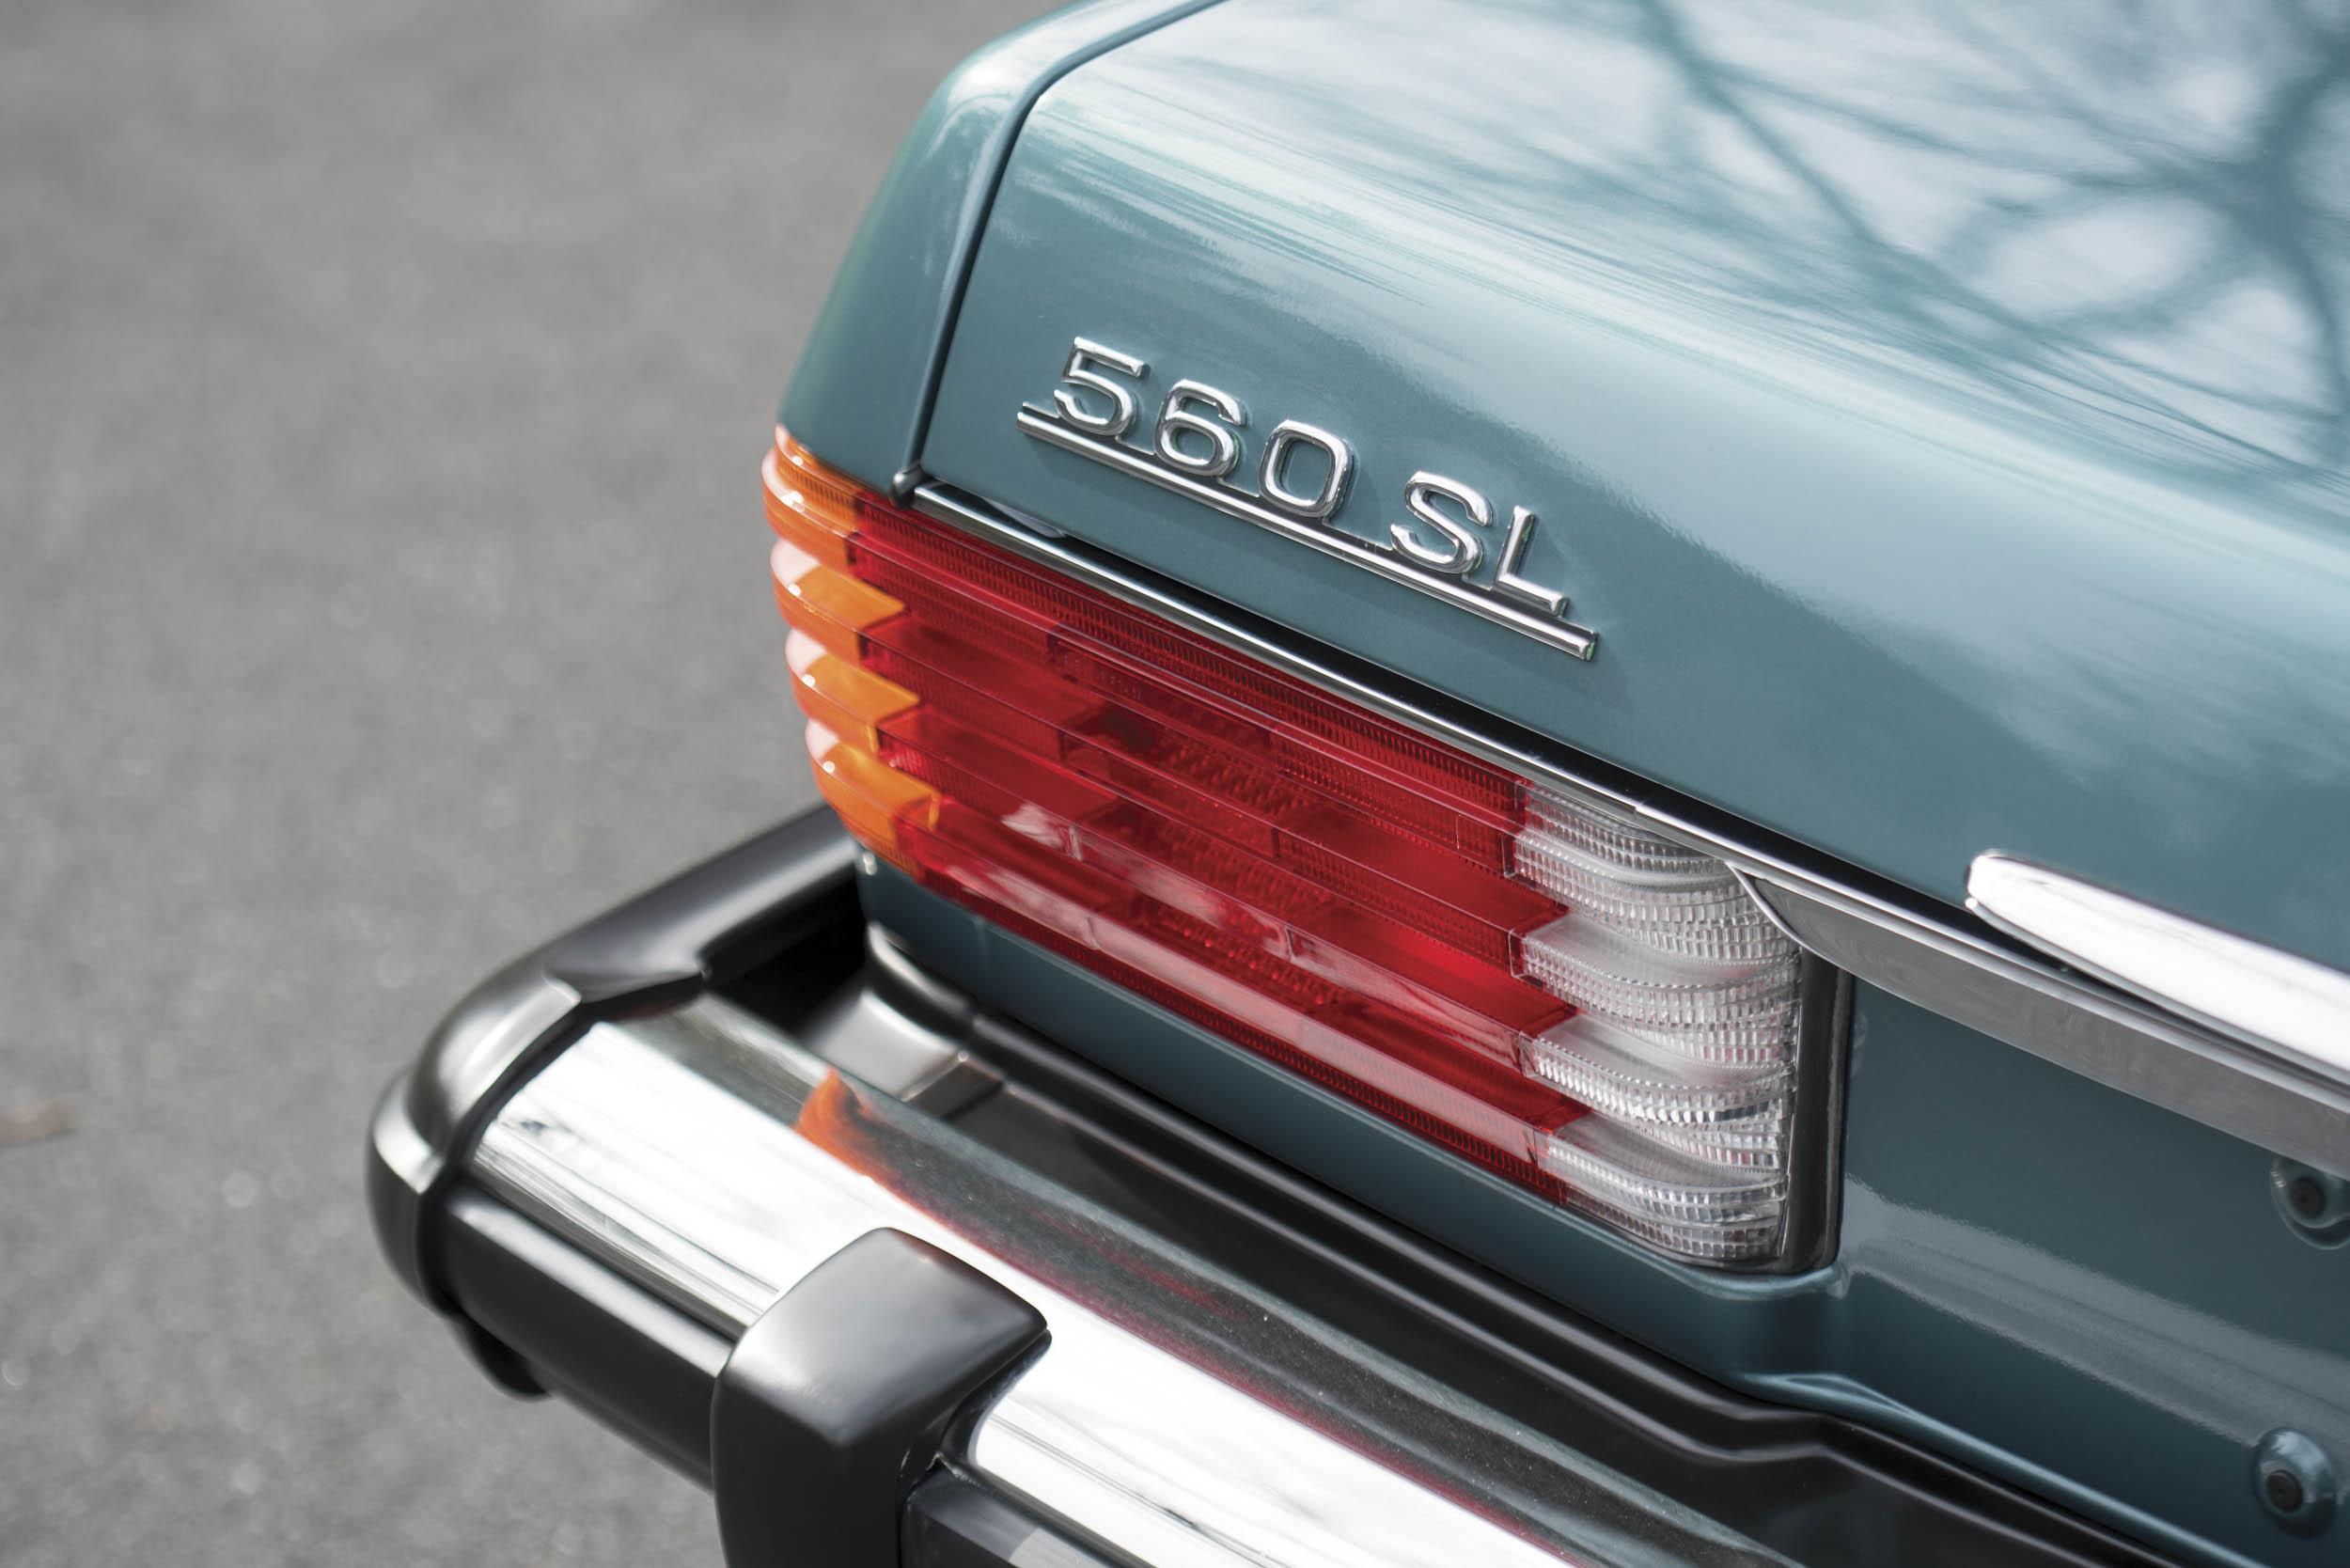 1988 Mercedes-Benz 560 SL badge